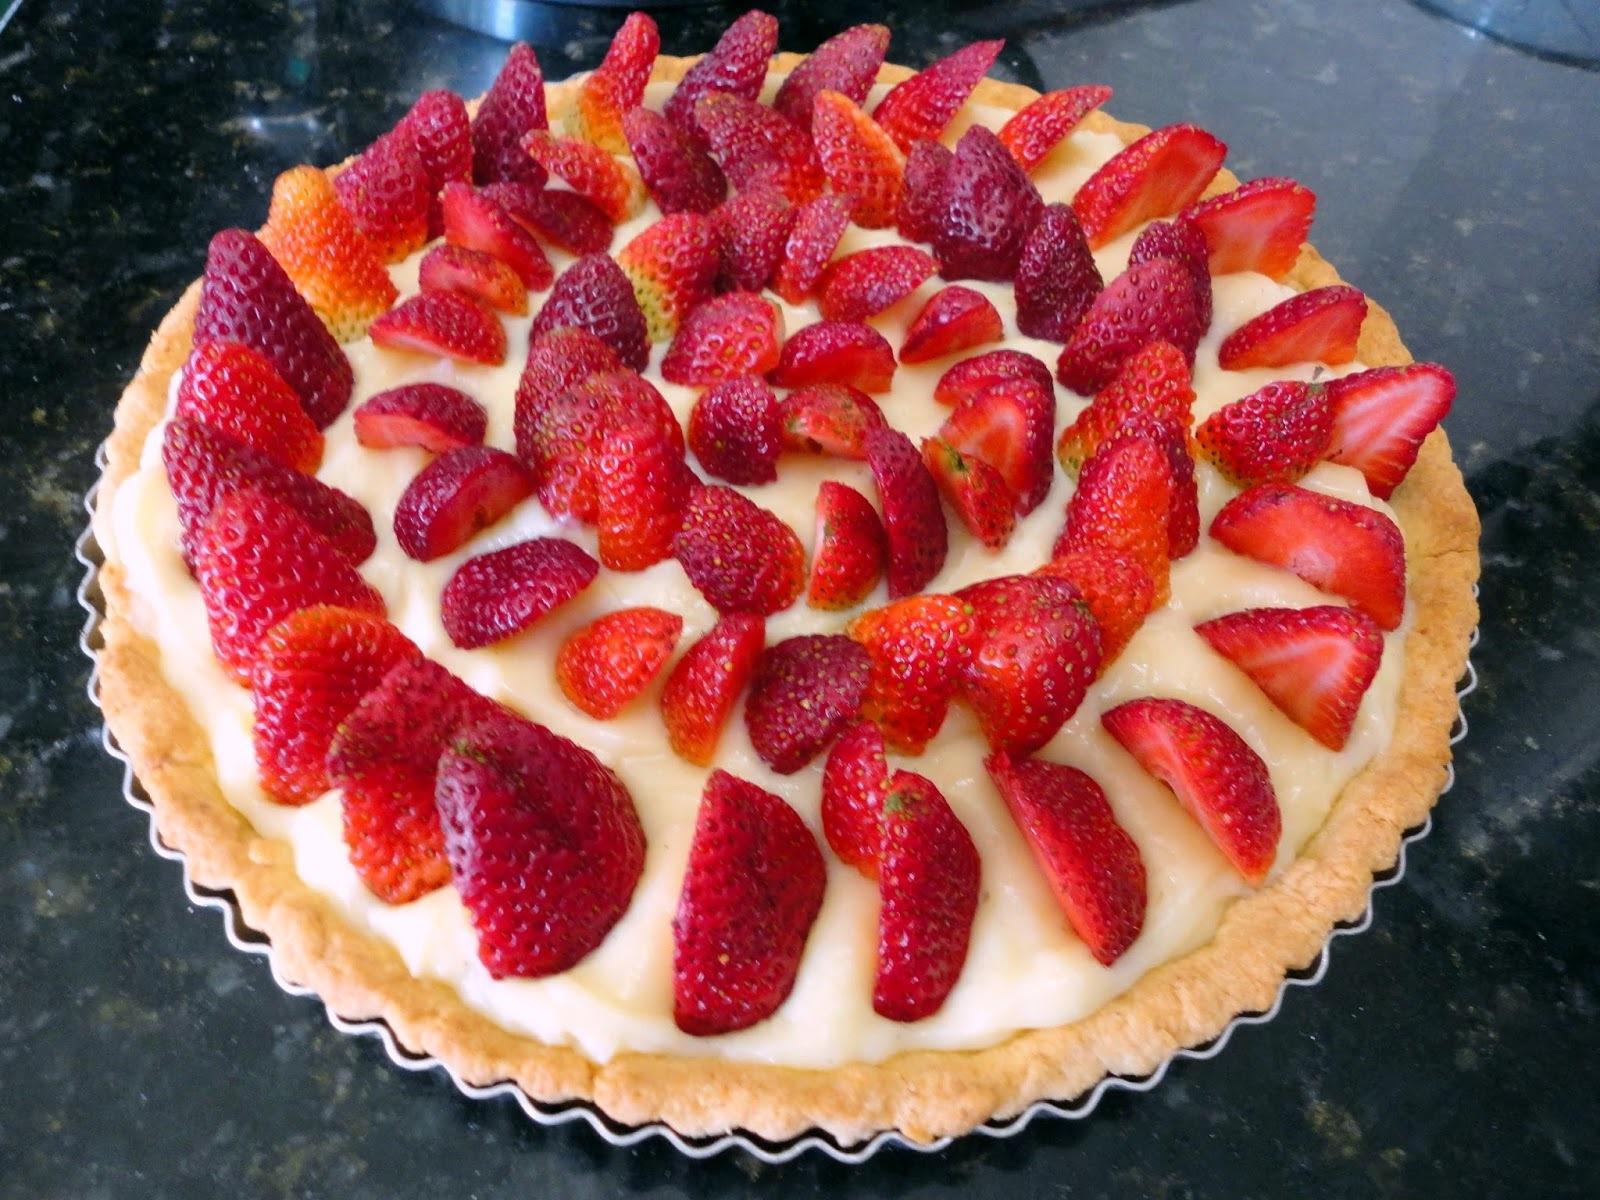 da torta de pessego com massa podre